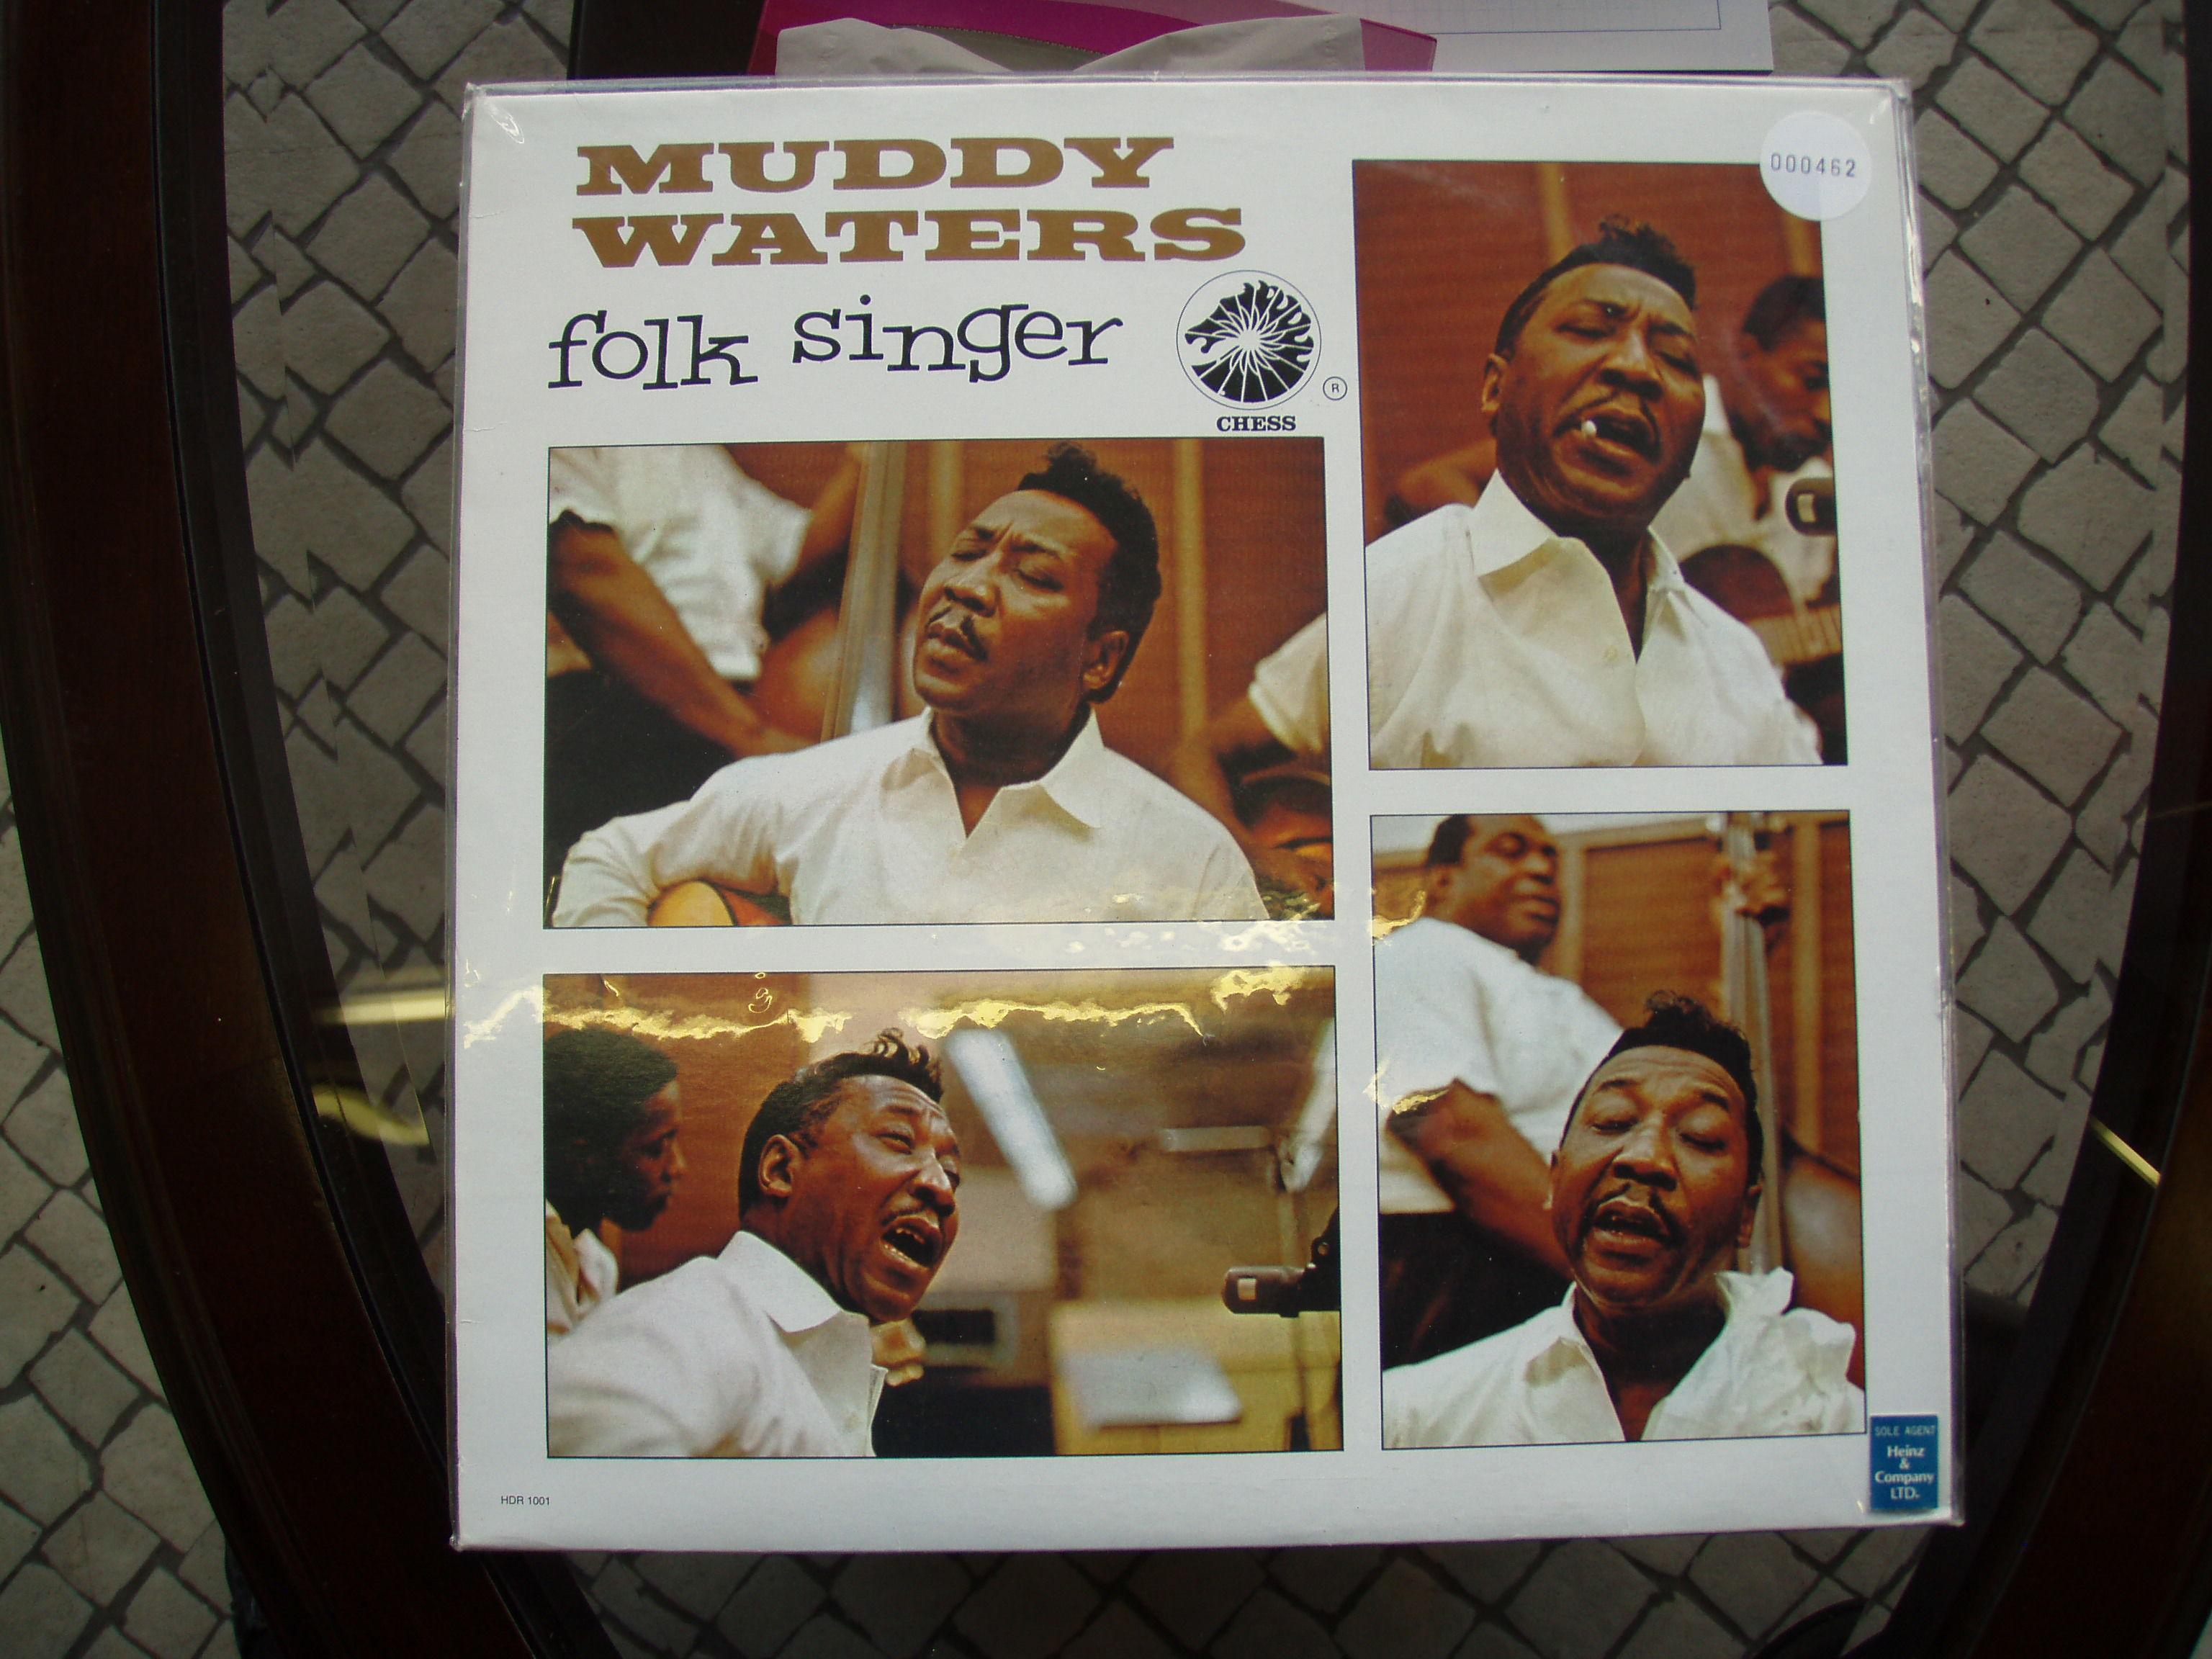 レコード MUDDY WATERS folk singer